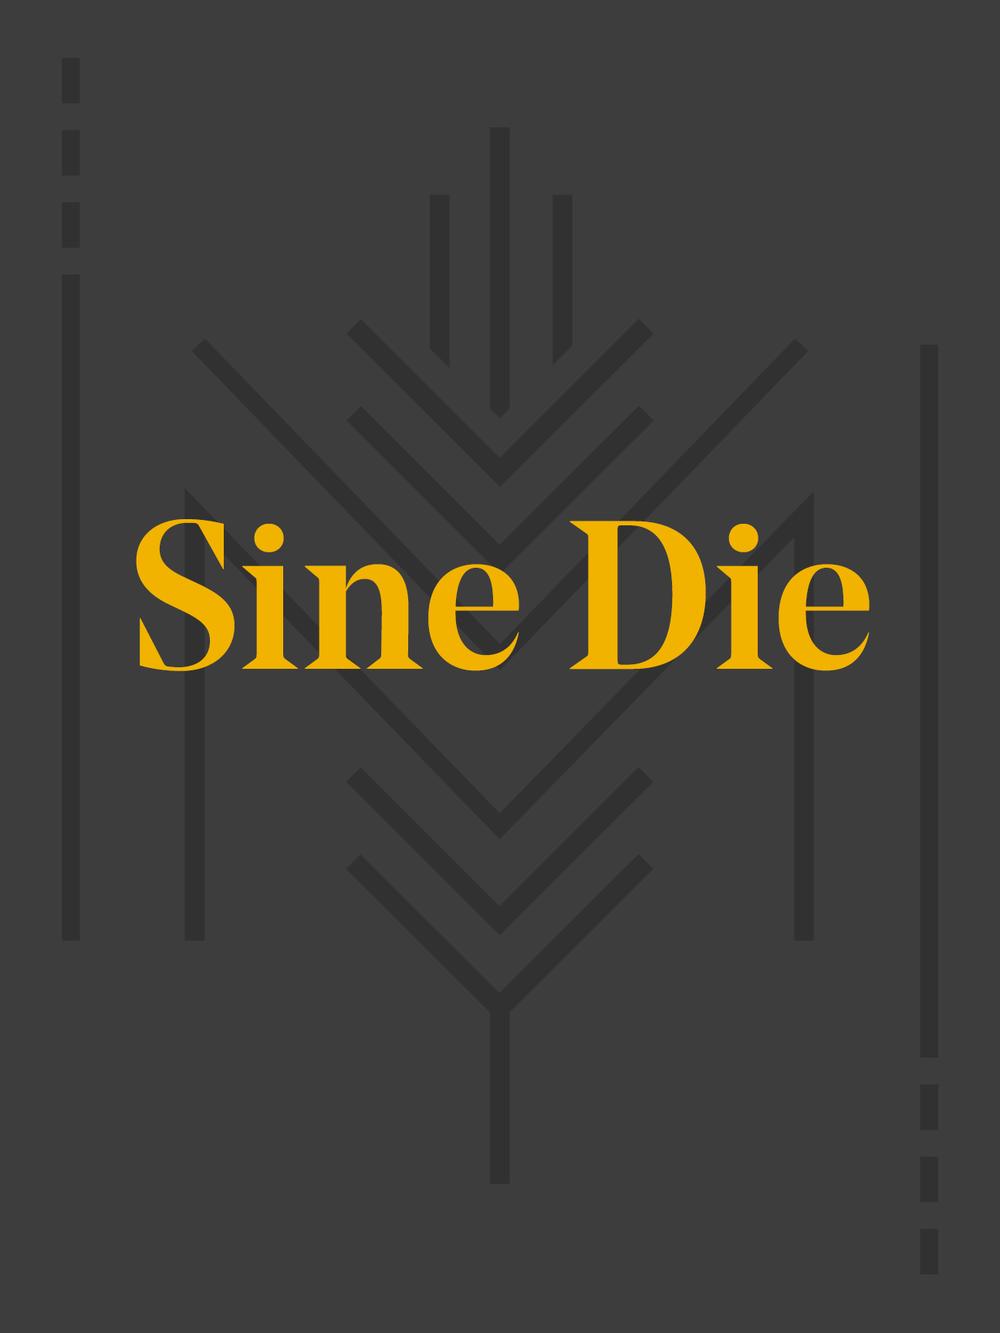 sine_die.png